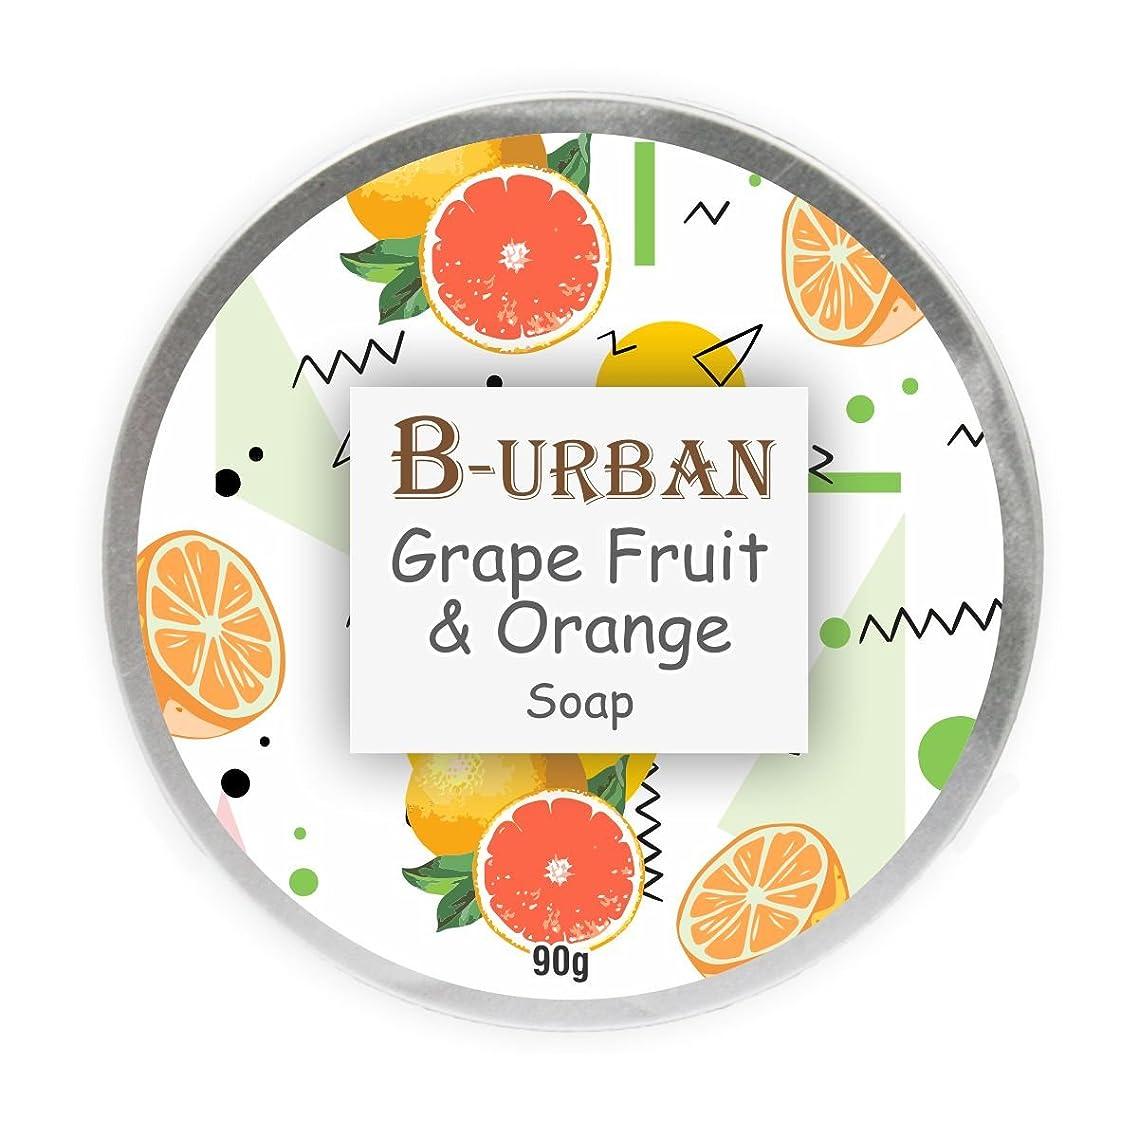 腫瘍テレックス凝視B-Urban Grape Fruit And Orange Soap Made With Natural And Organic Ingredients. Paraben And Sulphate Free. Anti Aging Soap.Comes In A Unique Aluminium Box